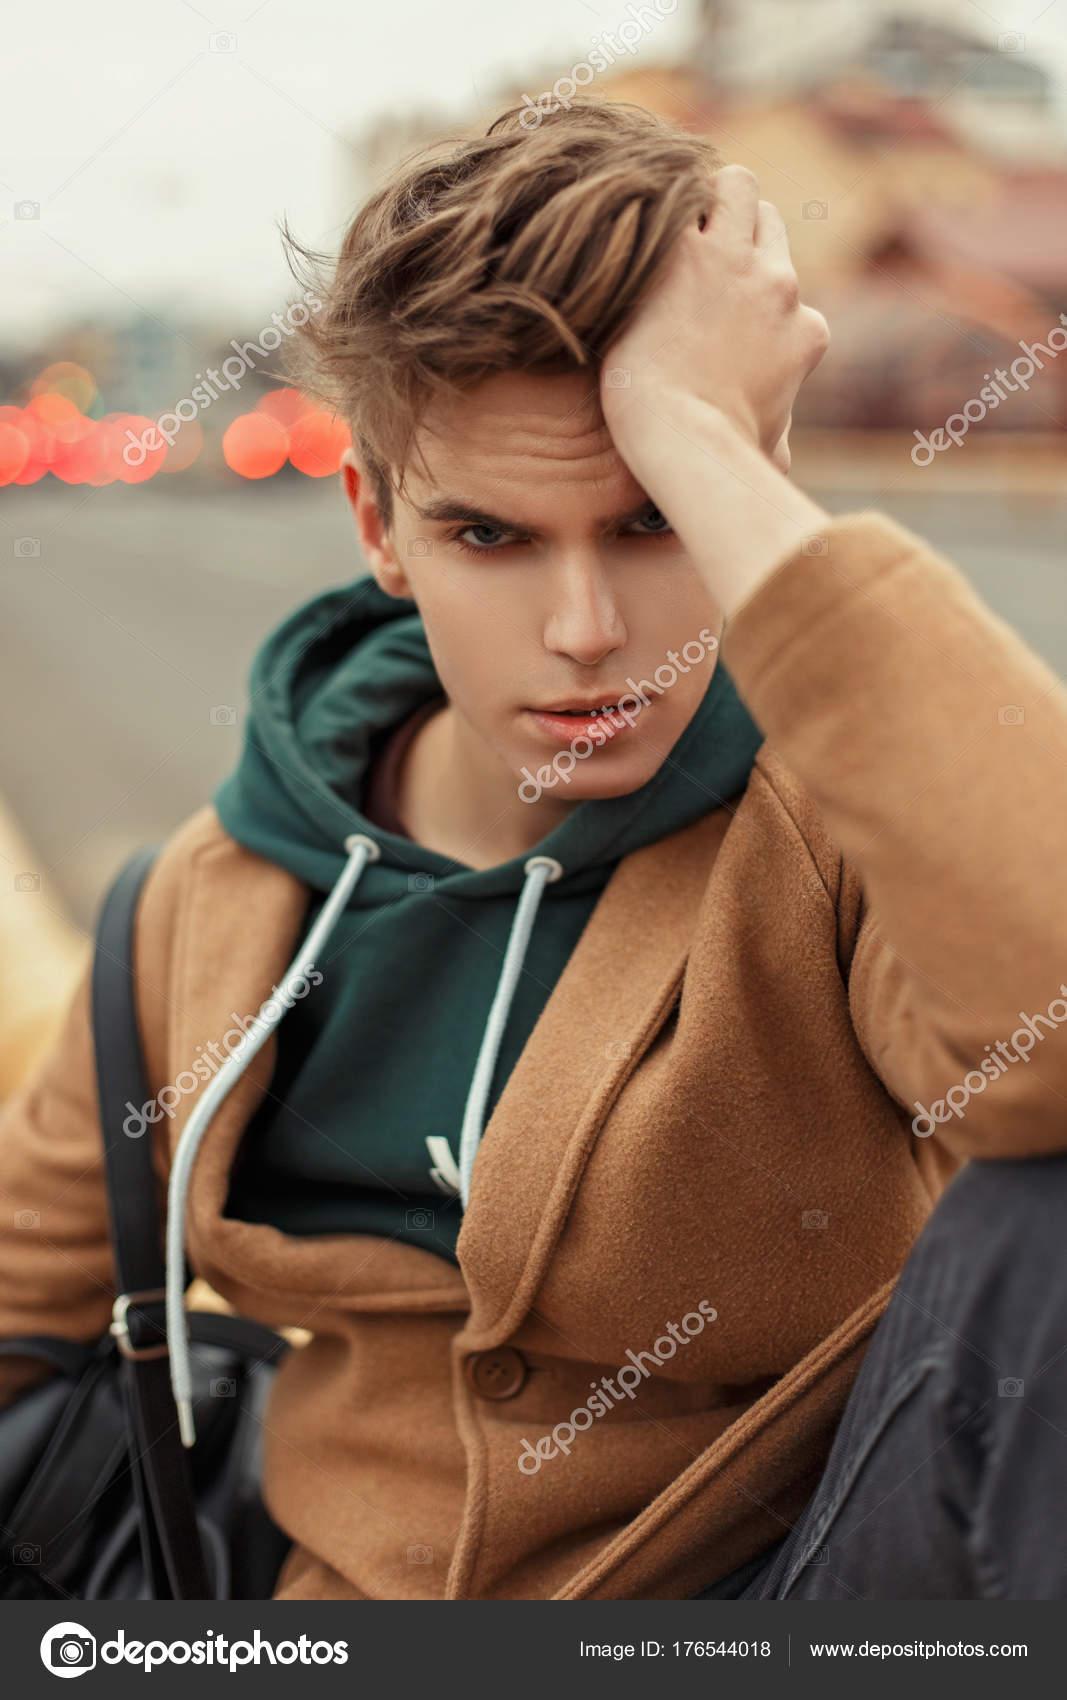 taglio uomo capelli cappotto